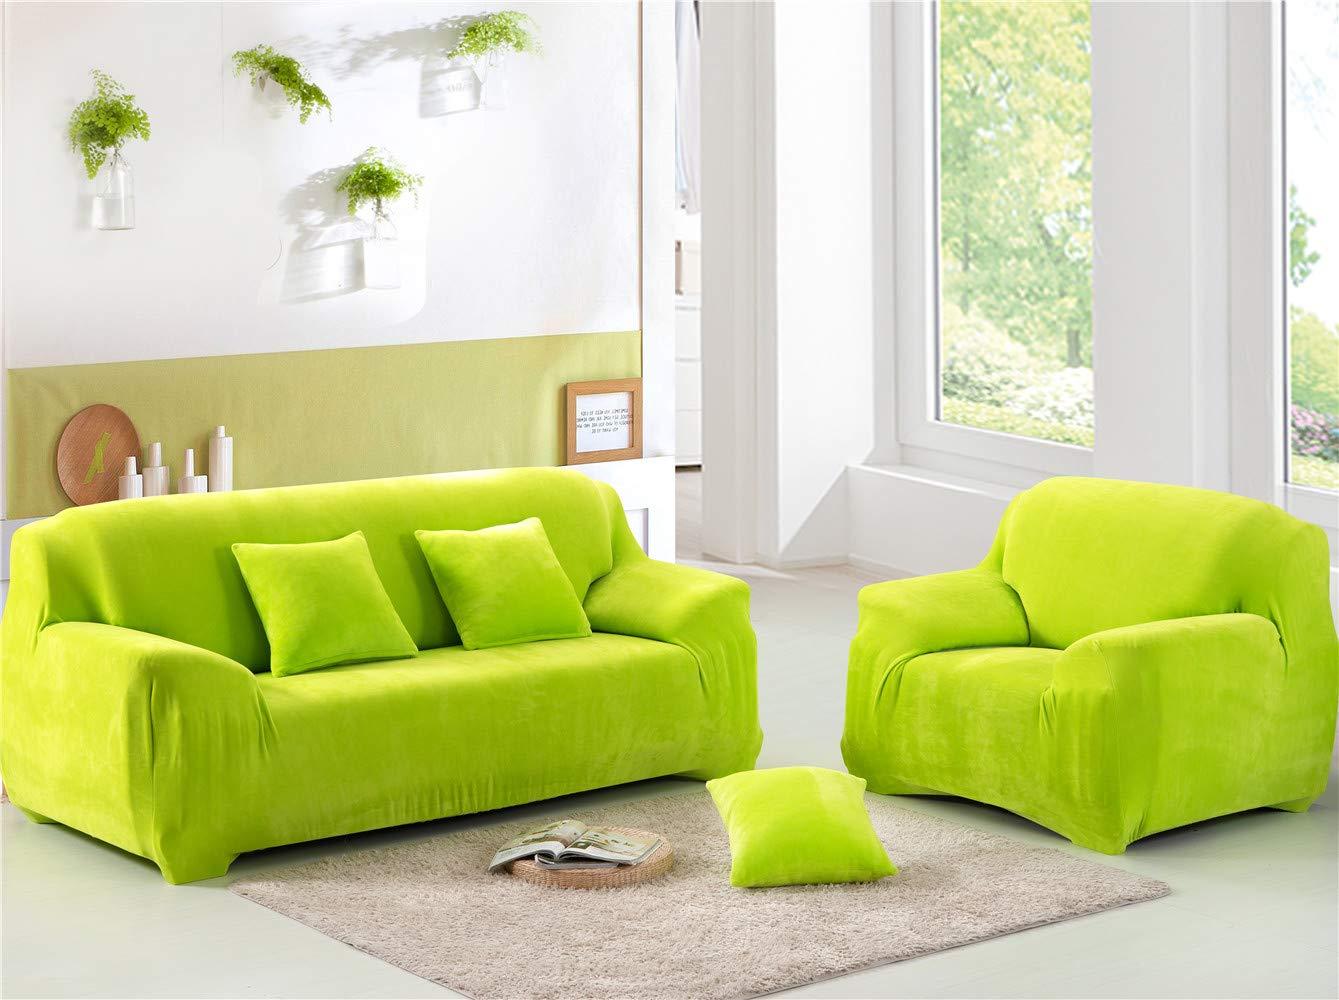 EXQUILEG Dicke Elastischer Sofabezug 1 2 3 4-Sitz-Überwurf aus aus aus SAMT Größen (Silbergrau, 4 Seater 235-300cm) B07K1X1CYH Sofa-überwürfe 4116e8